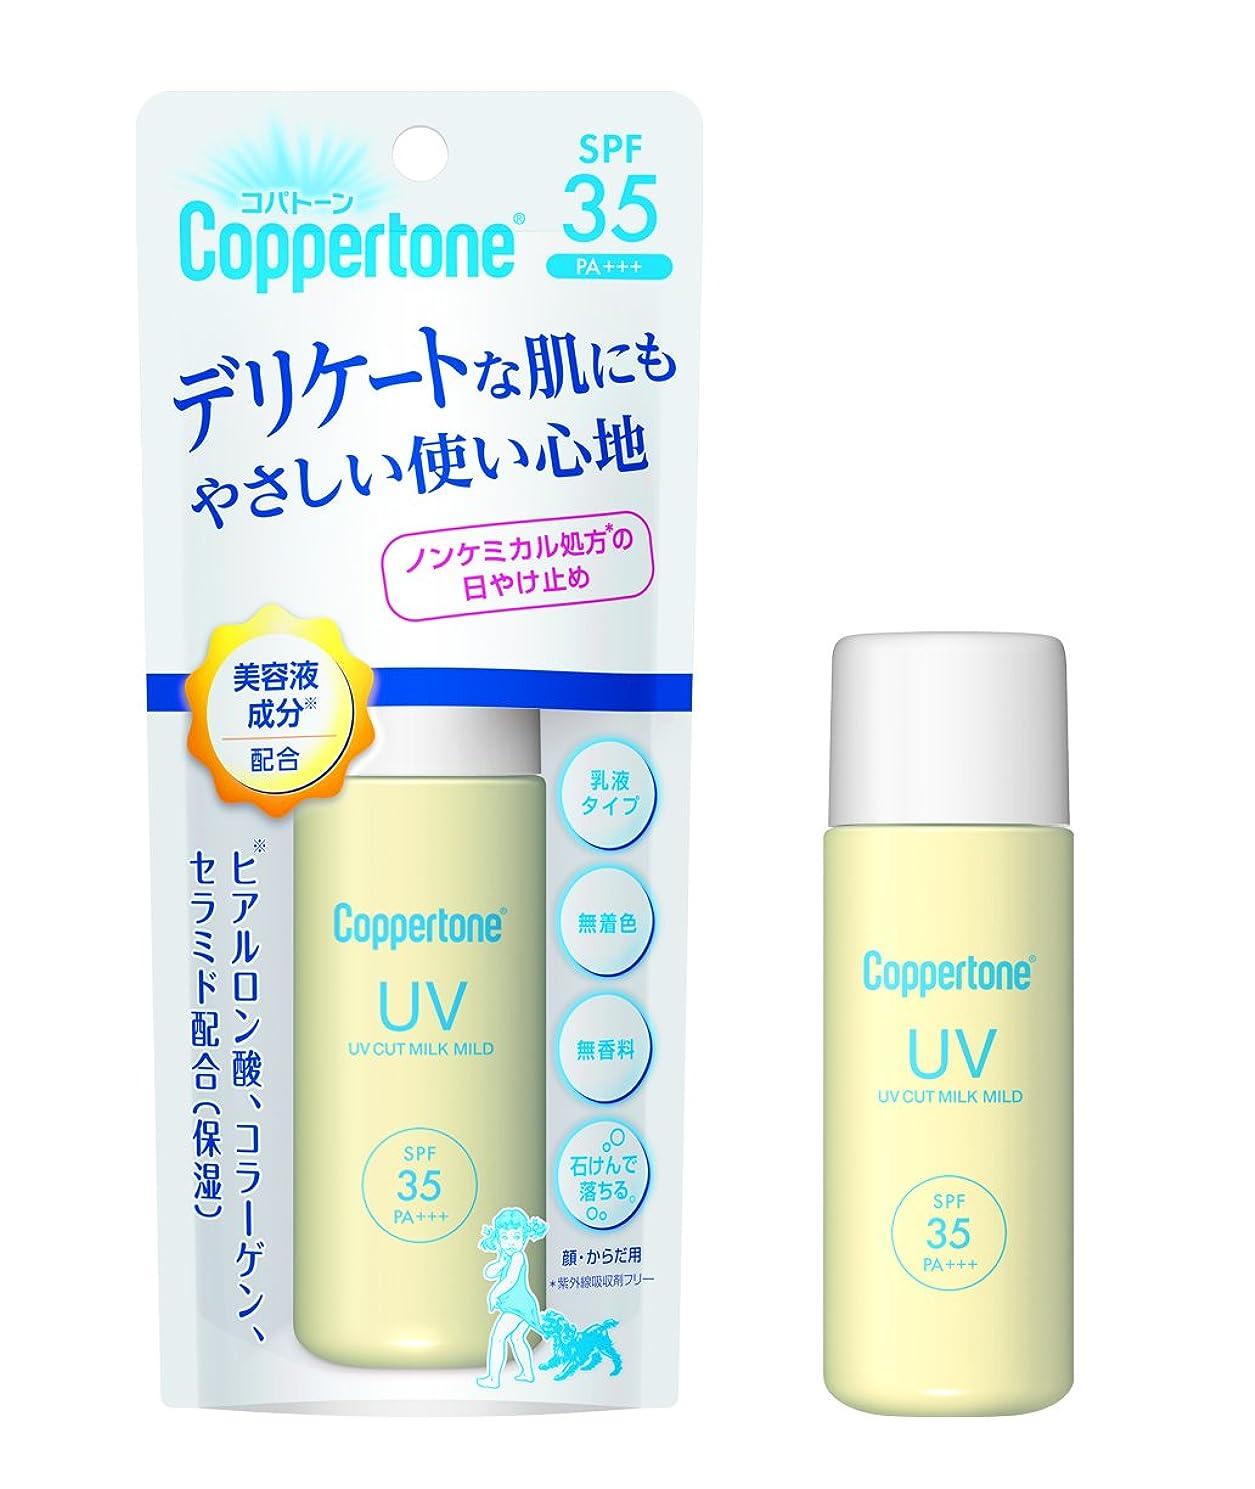 印象剃る思慮のない大正製薬 コパトーンUVカットミルクマイルド